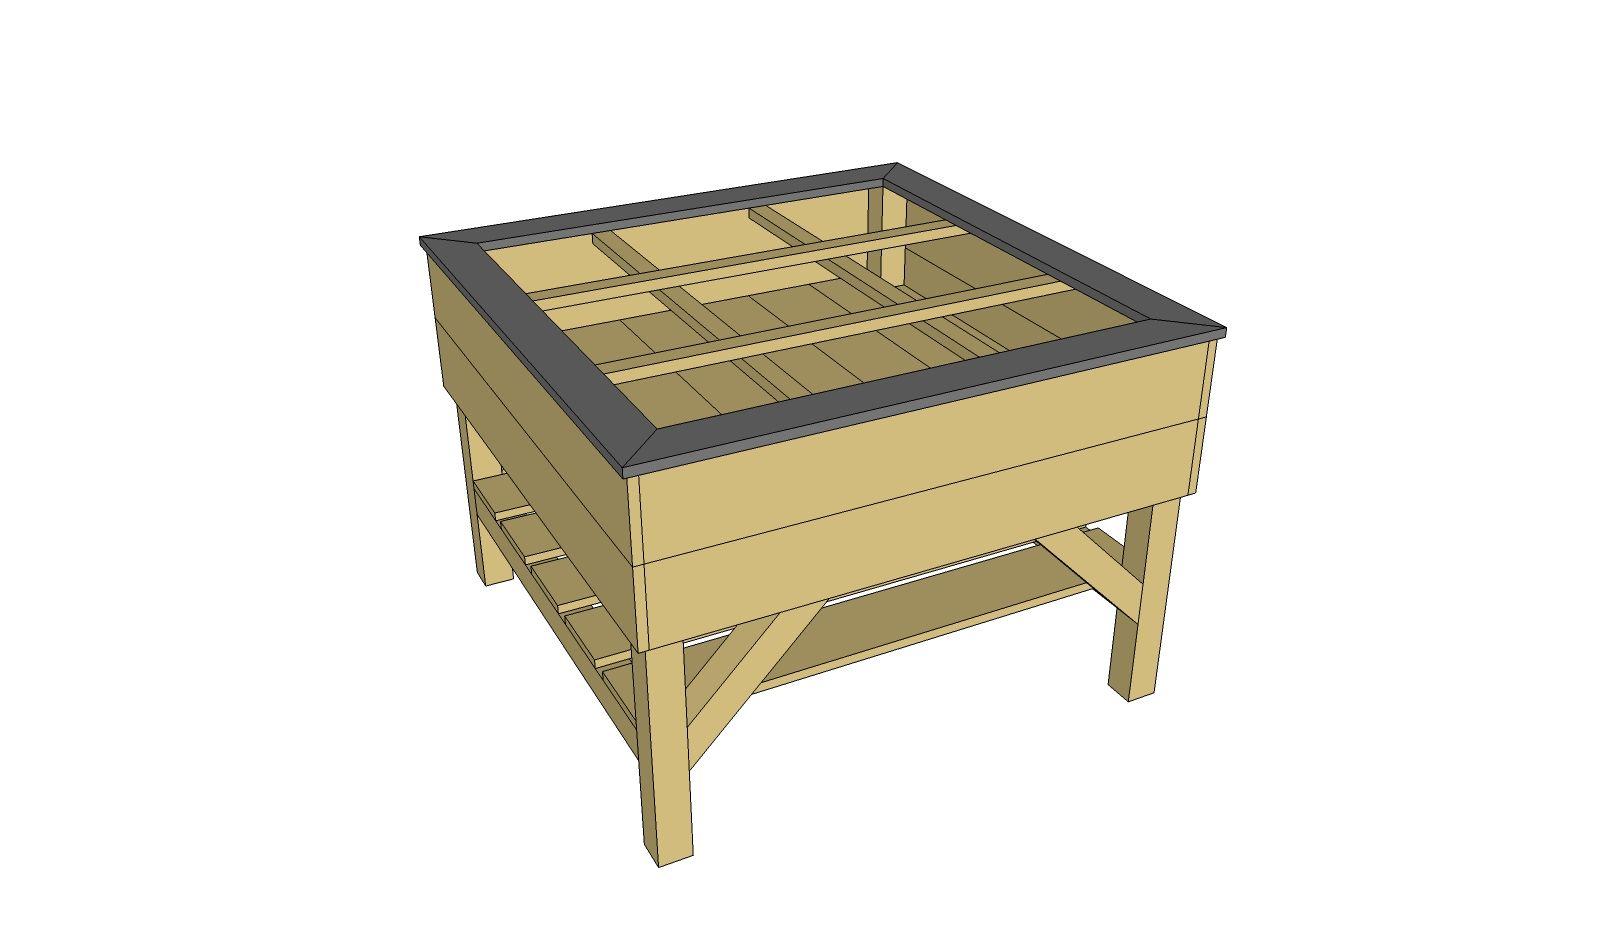 potager sur lev fabriquer soi m me jardin pinterest potager sur lev fabriquer soi. Black Bedroom Furniture Sets. Home Design Ideas